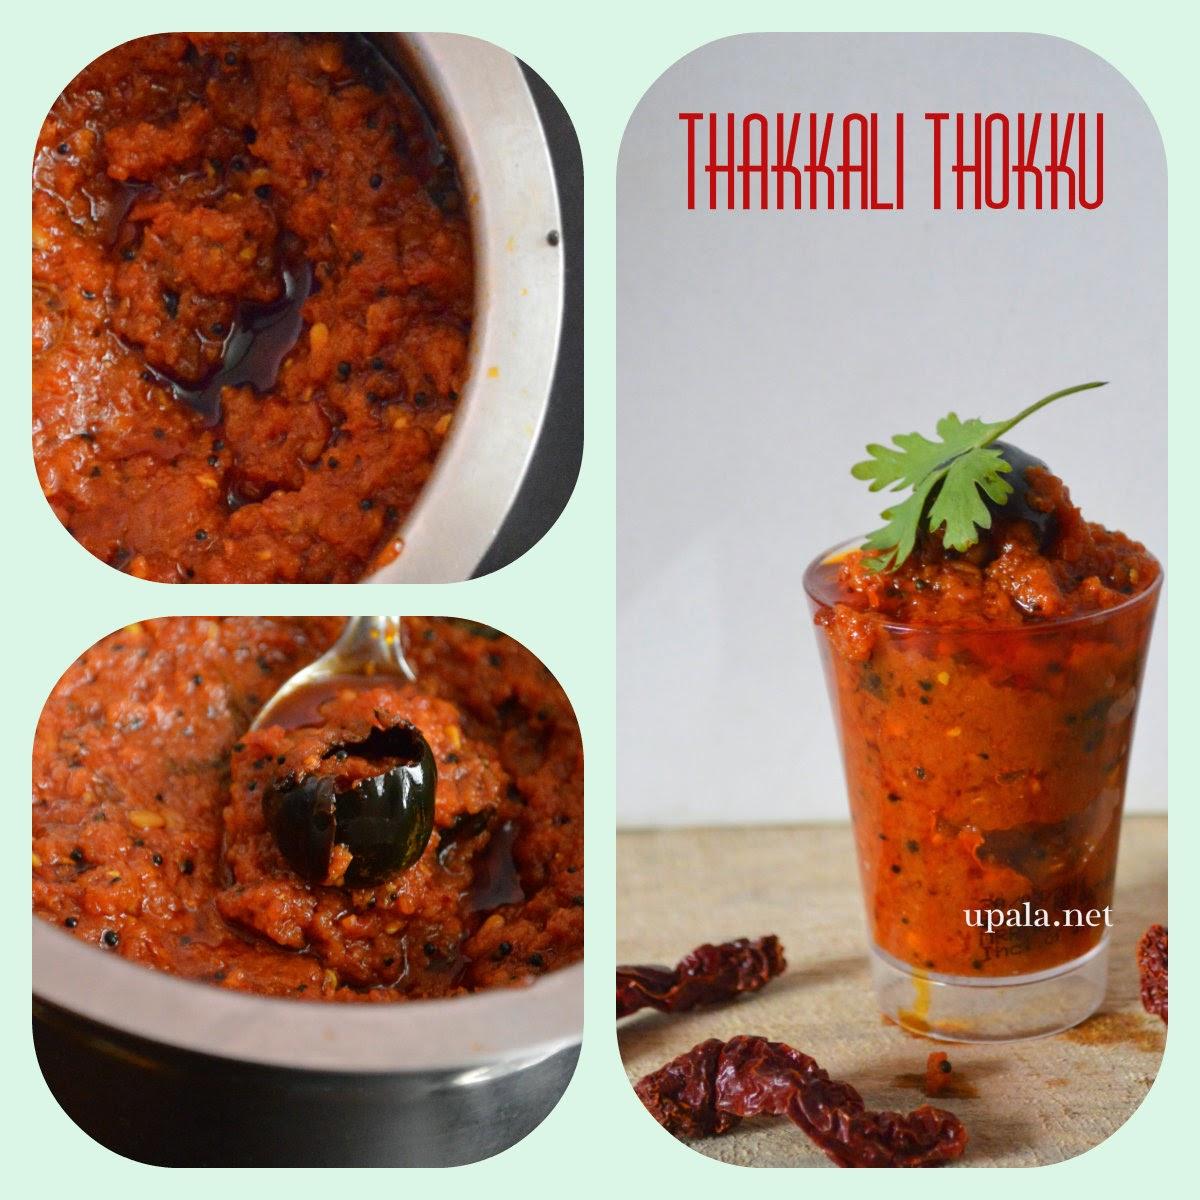 Tomato thokku/thakkali thokku